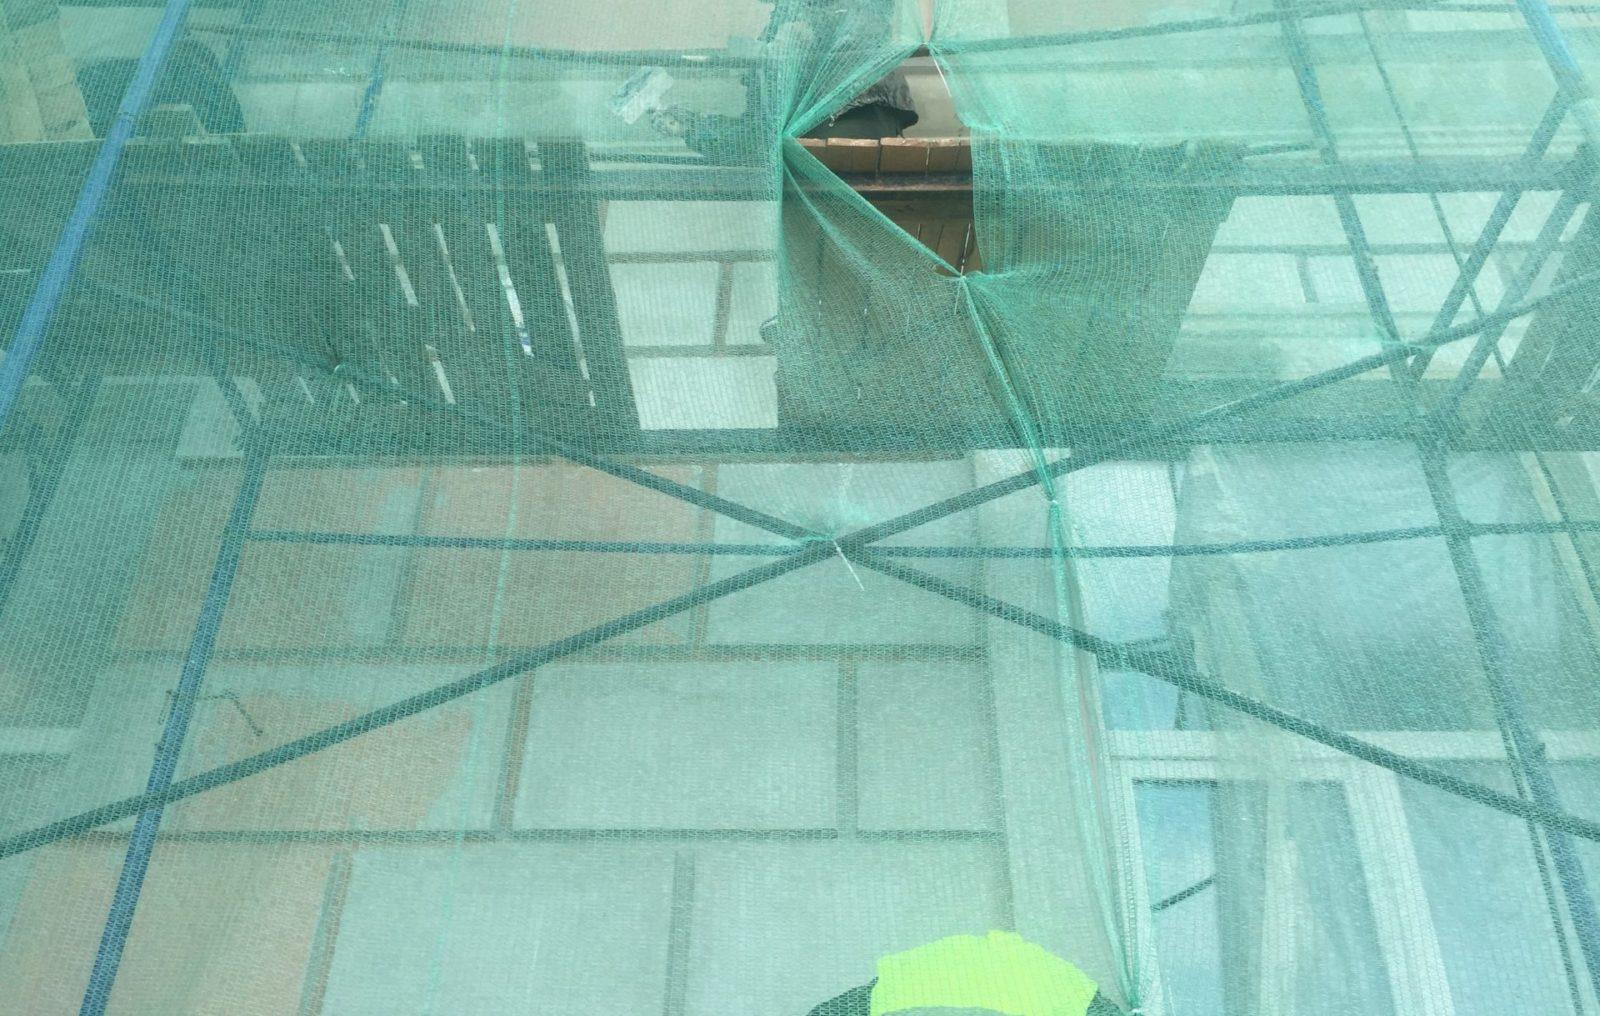 Стоимость ремонта фасада в сжатые сроки на ул. Набережная Обводного канала, д.14 в СПб